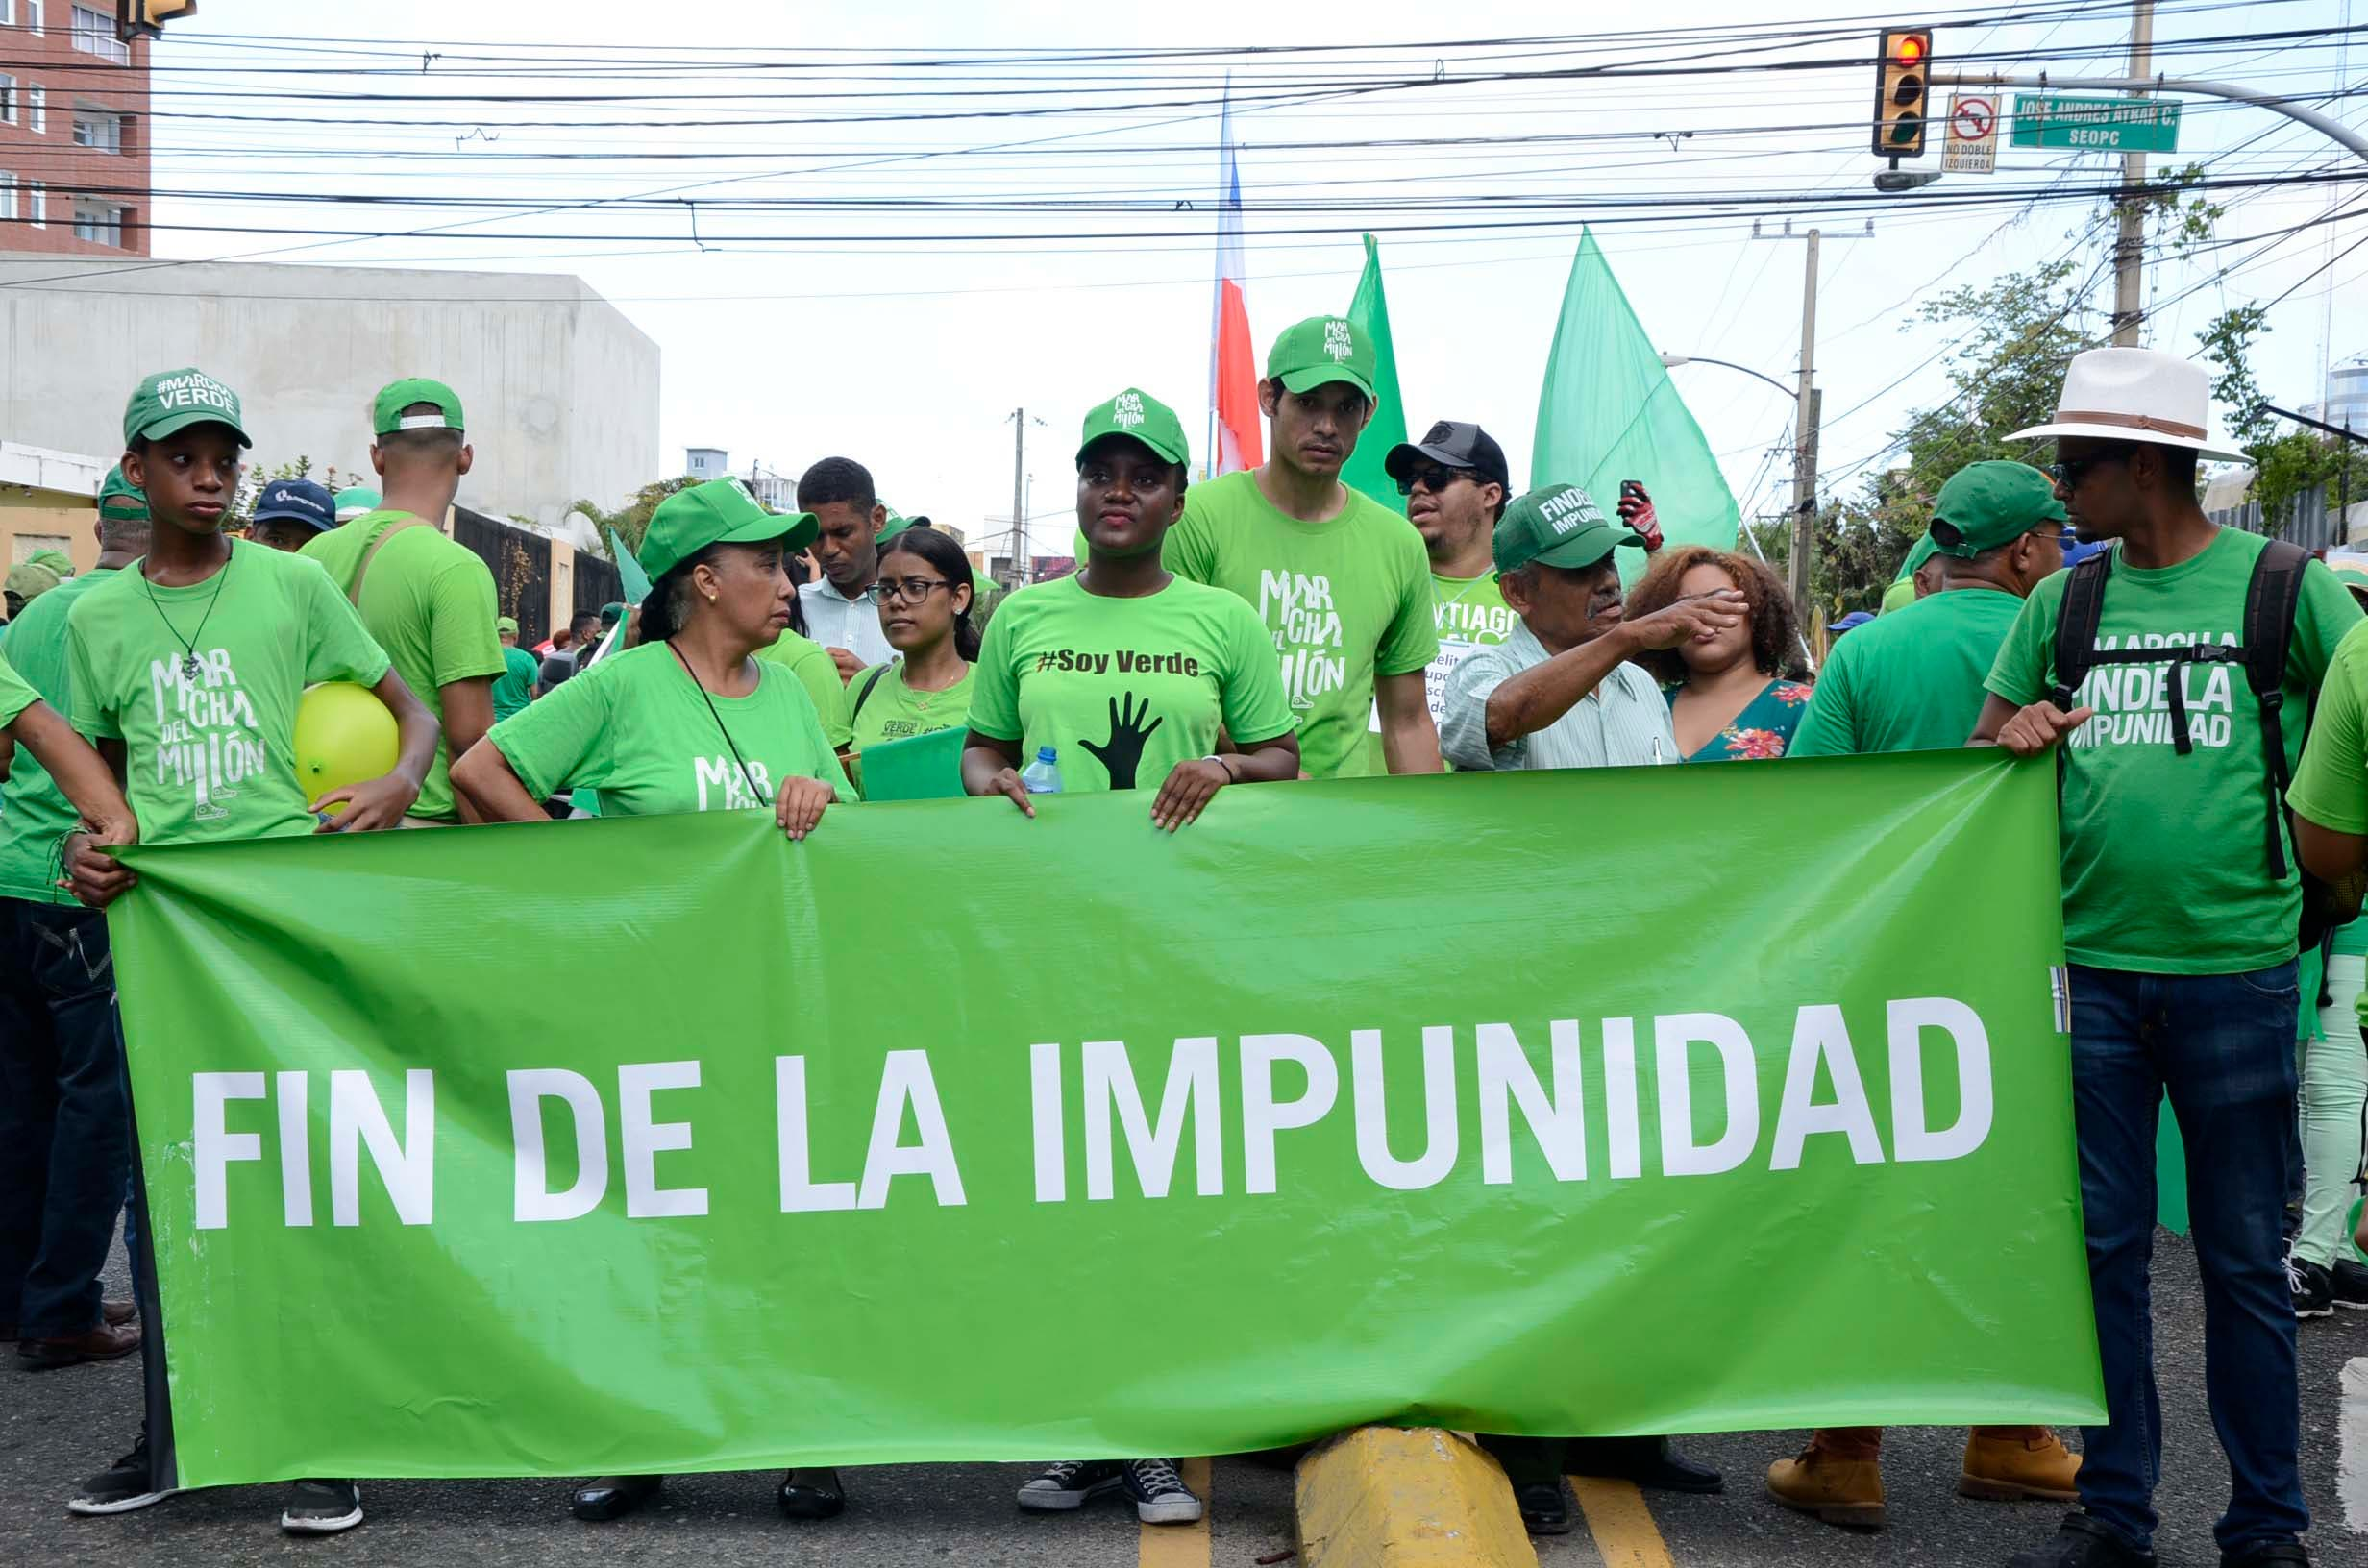 15. Marcha verde por el millon,12-8-18/foto Jose de Leon